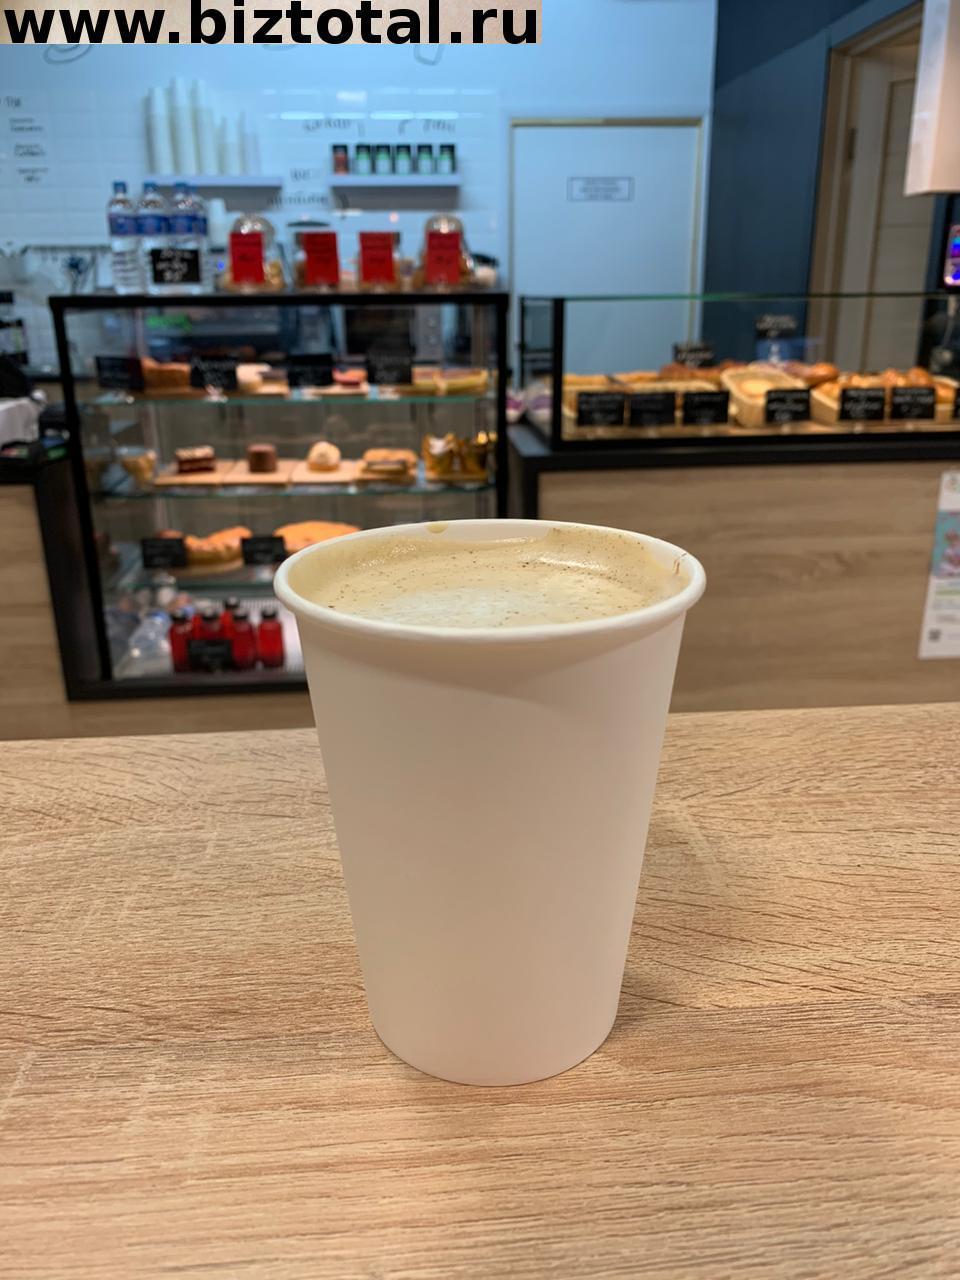 Кафе-пекарня за небольшие деньги